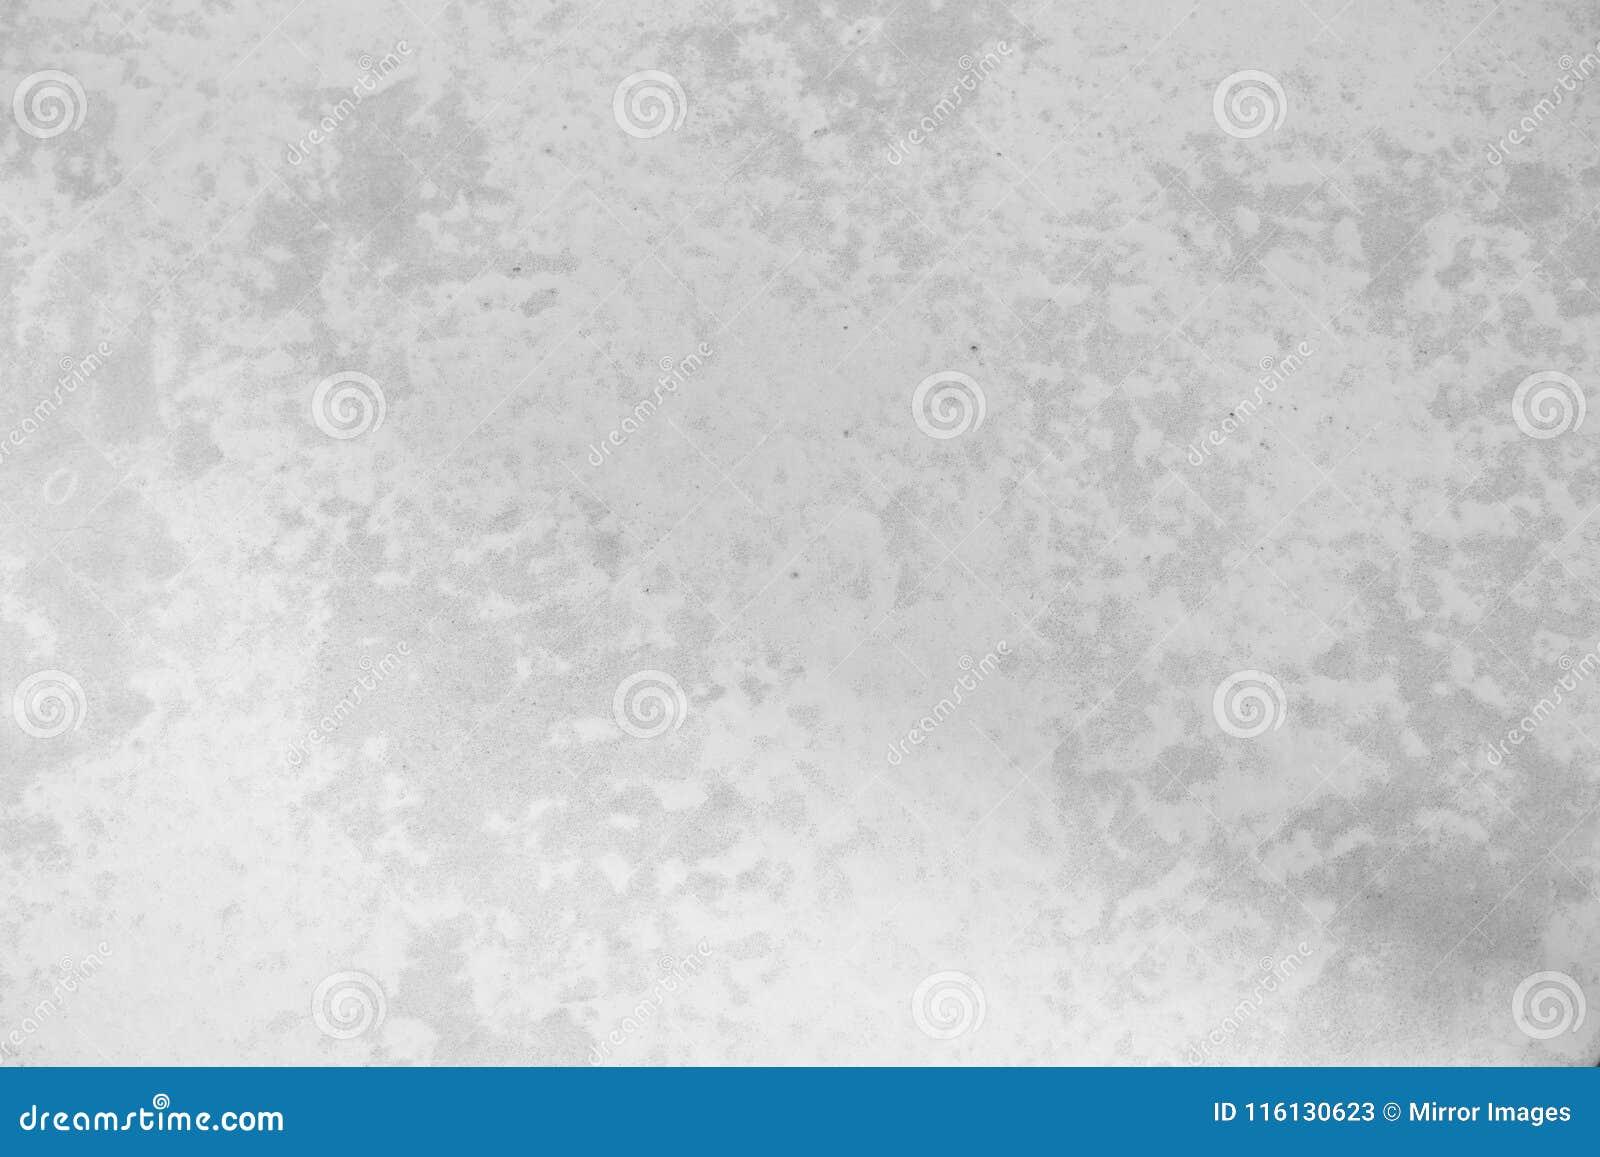 Белые текстурированные мраморные предпосылка или поверхность фона